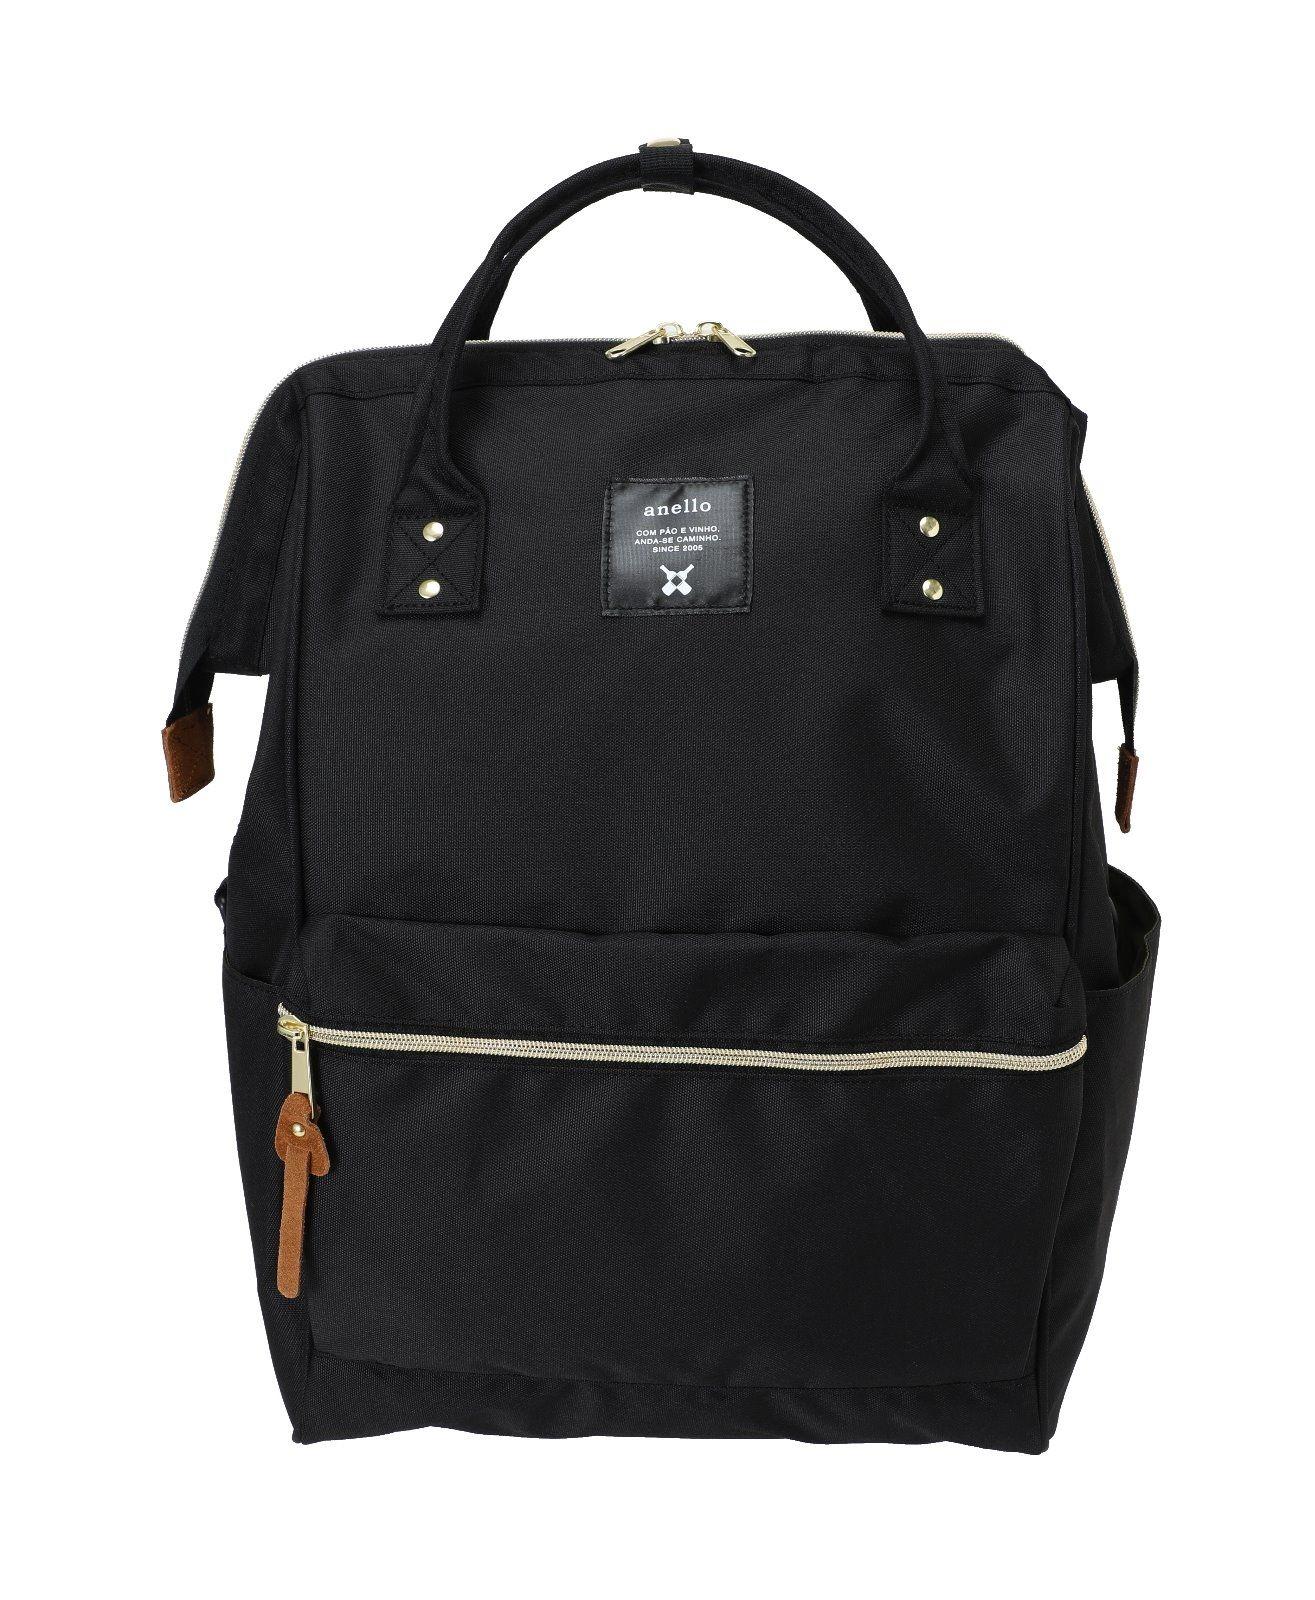 colori delicati varietà larghe miglior prezzo Original bag of Carrot Co., Ltd. 【anello®】 official brand site ...